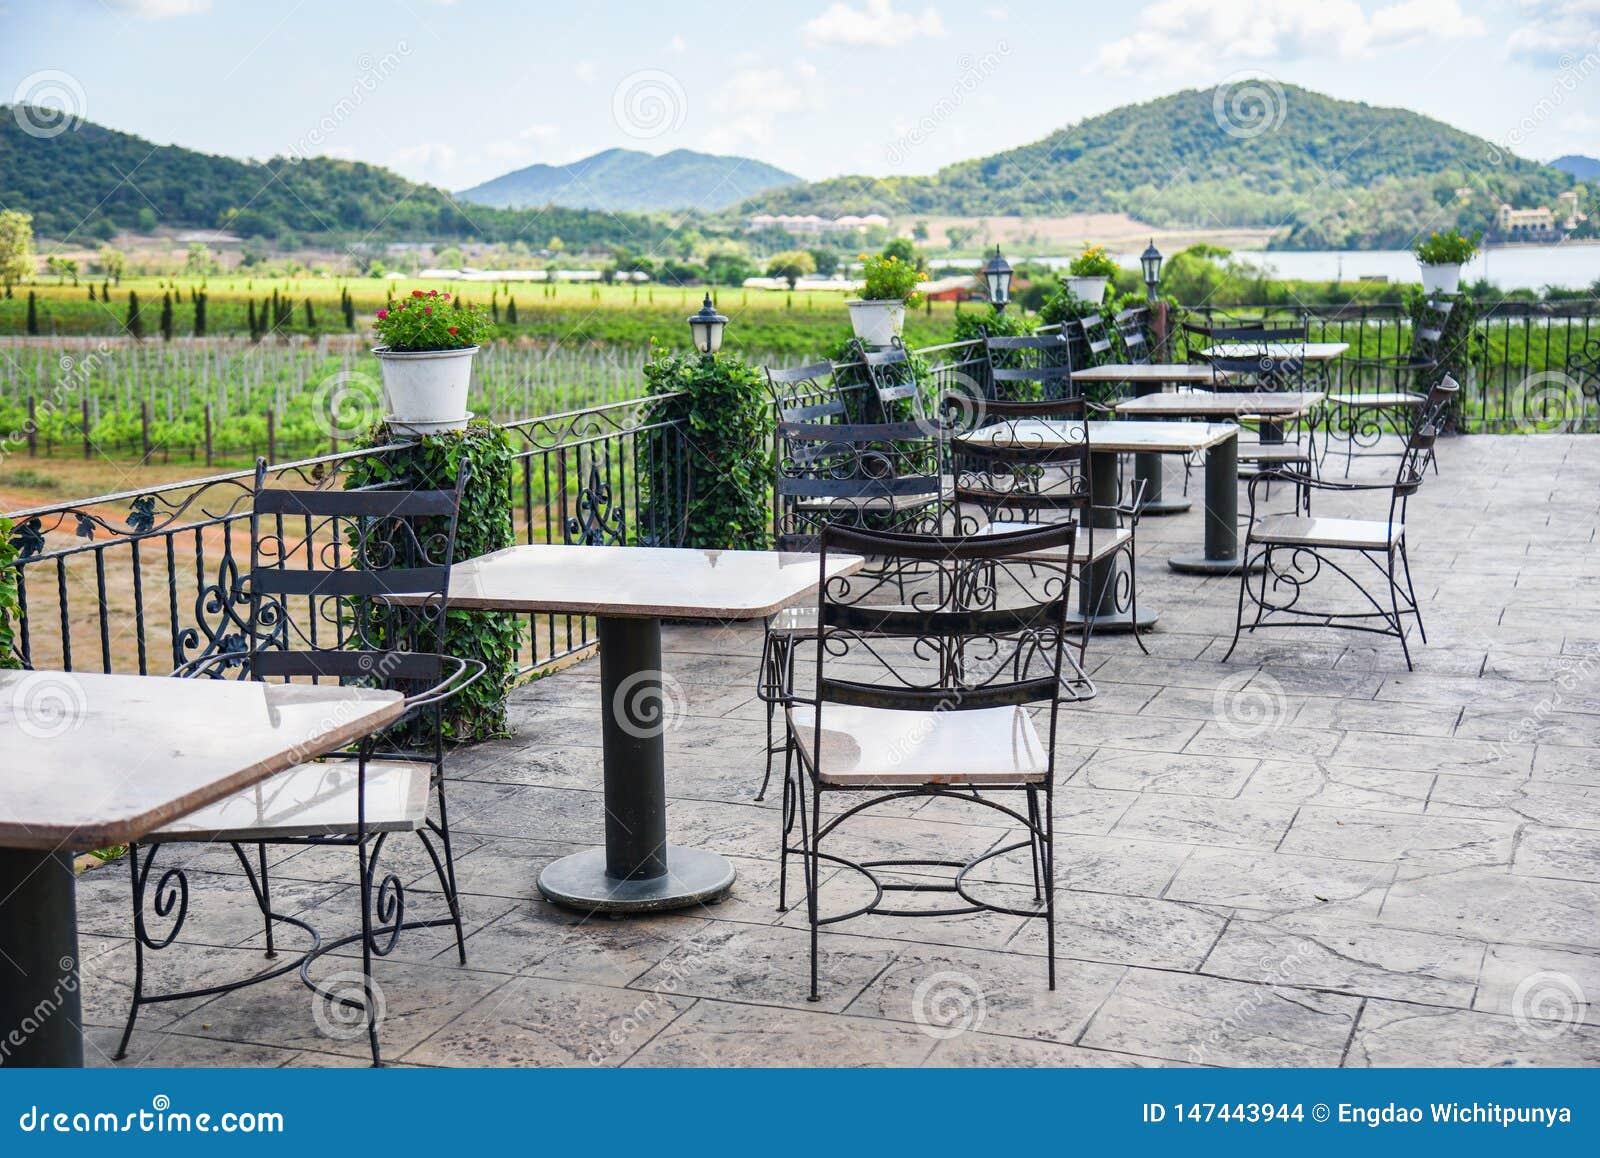 Таблица и стулья в балконе на открытом воздухе фермы природы взгляда ресторана и предпосылки горы - обеденного стола на террасе